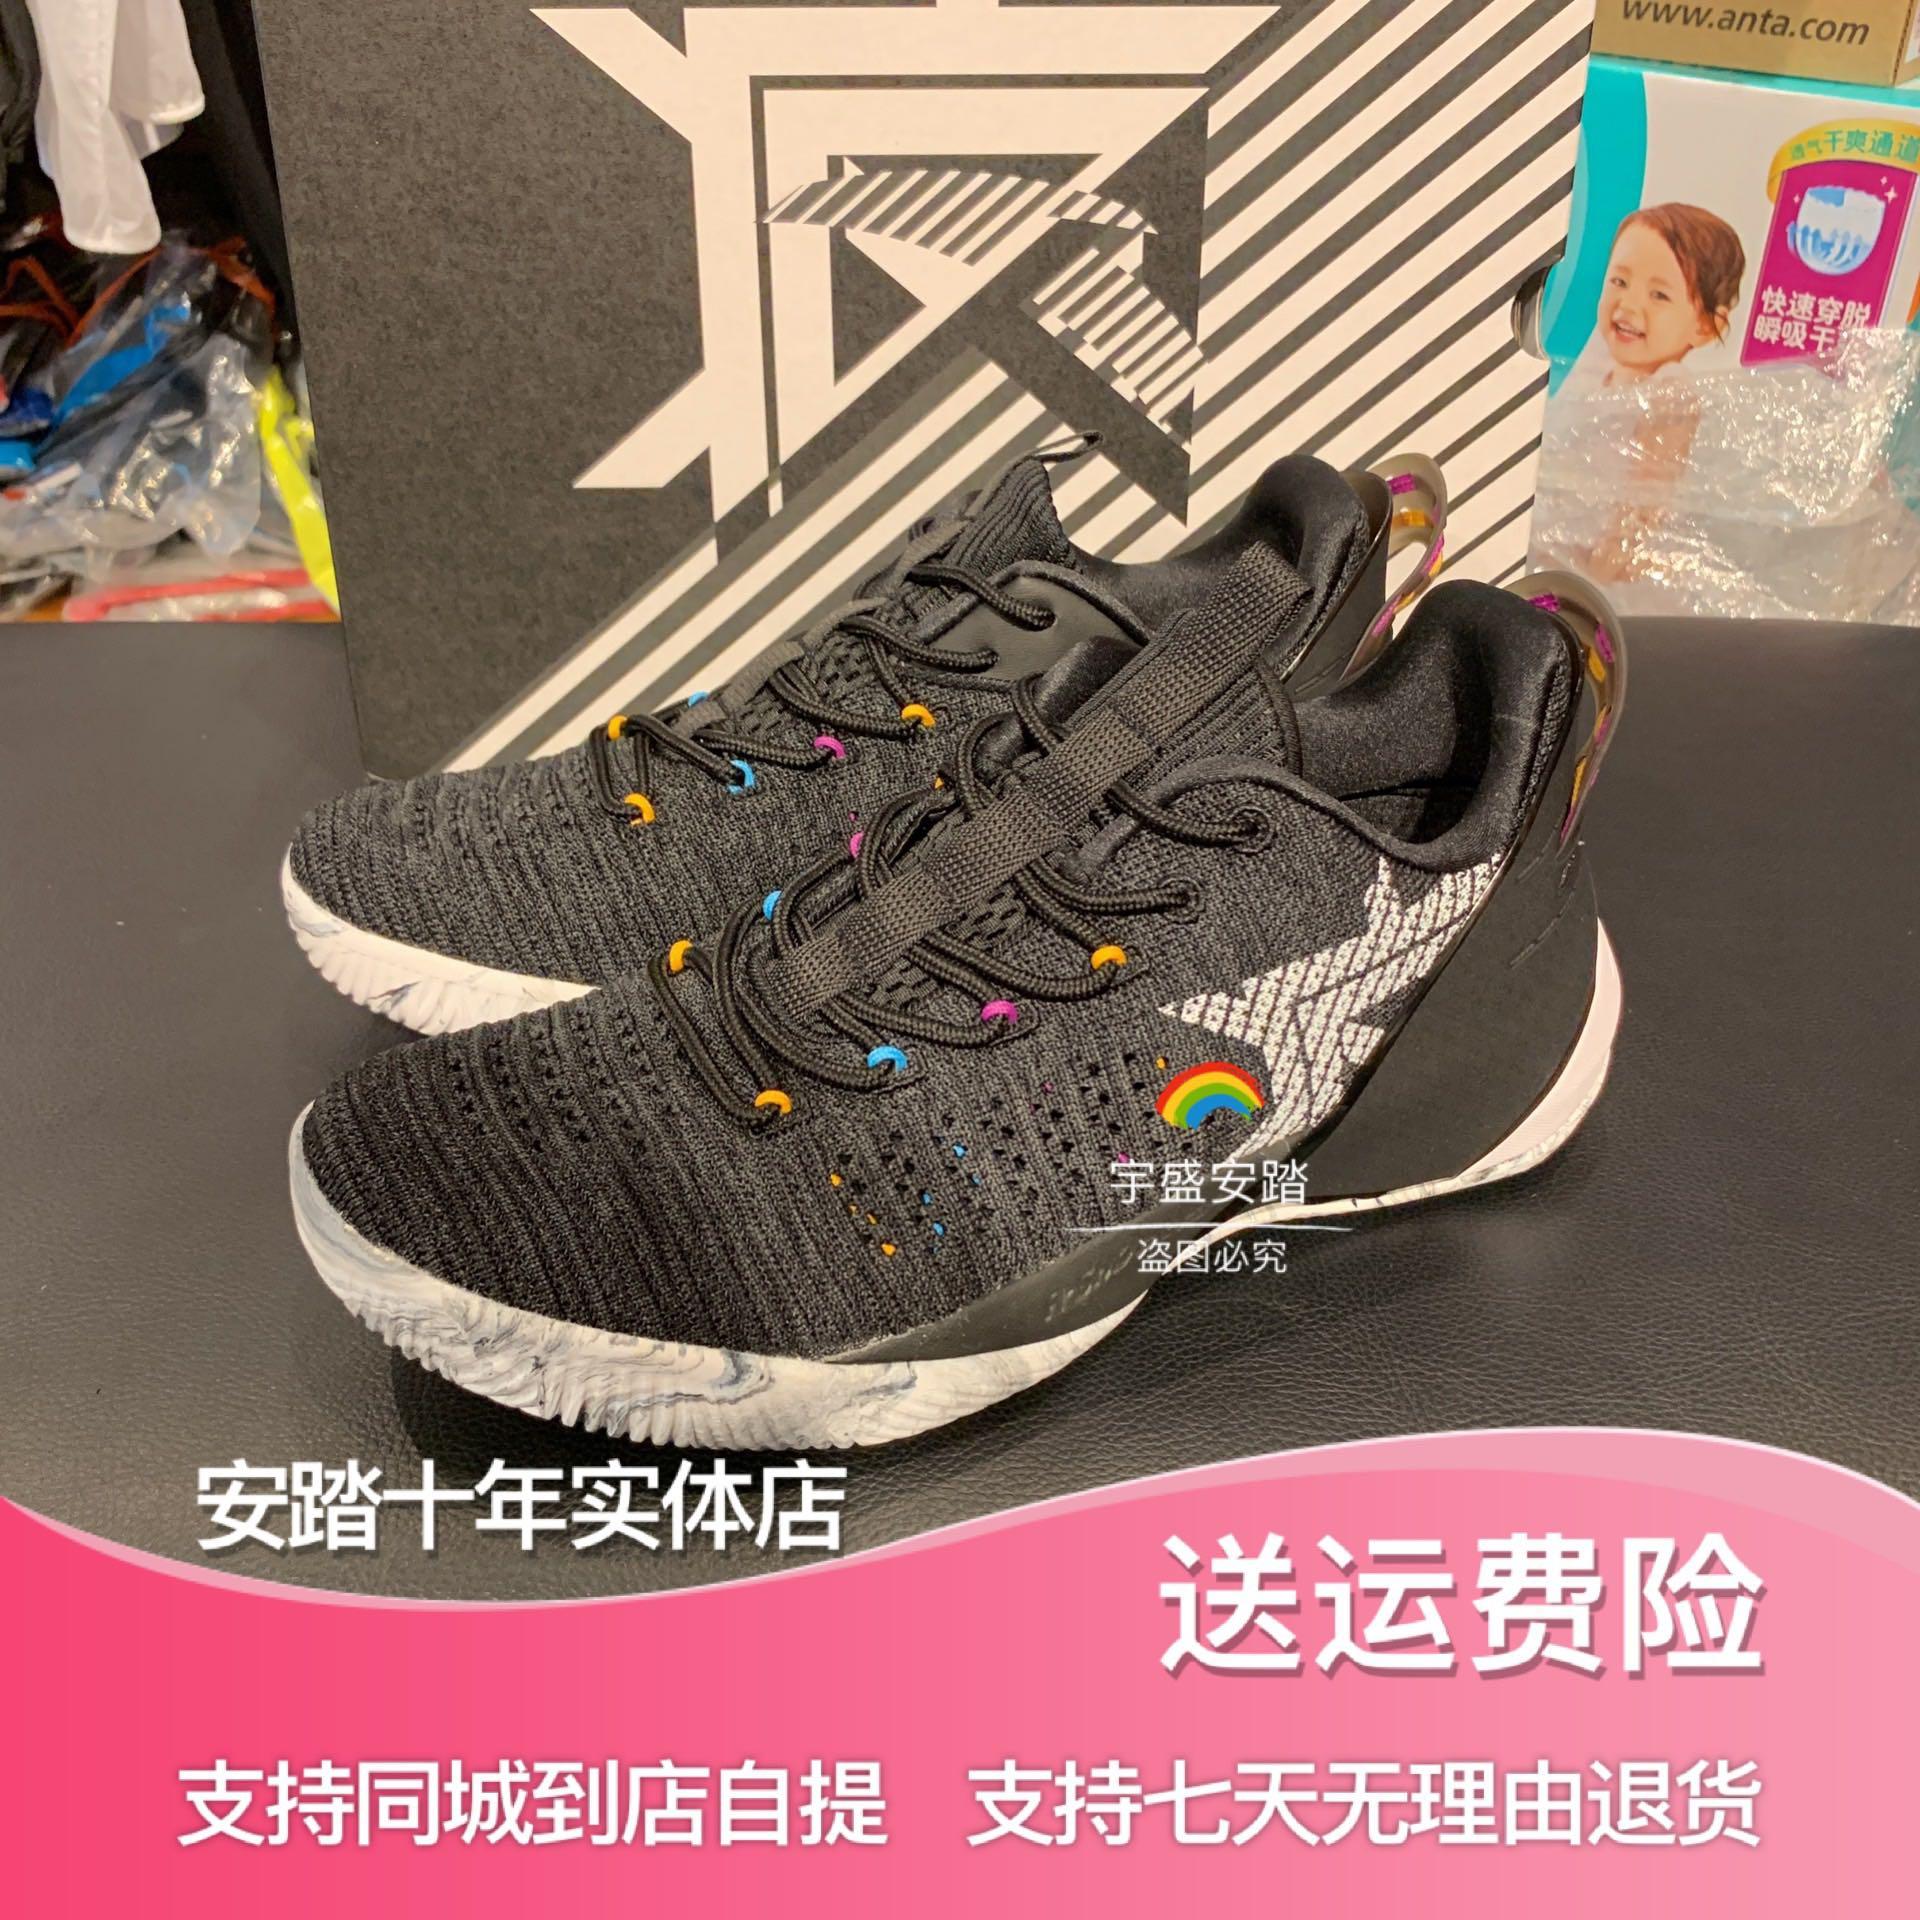 安踏KT4篮球鞋男2019秋季新款要疯3代三代汤普森同款战靴11931608